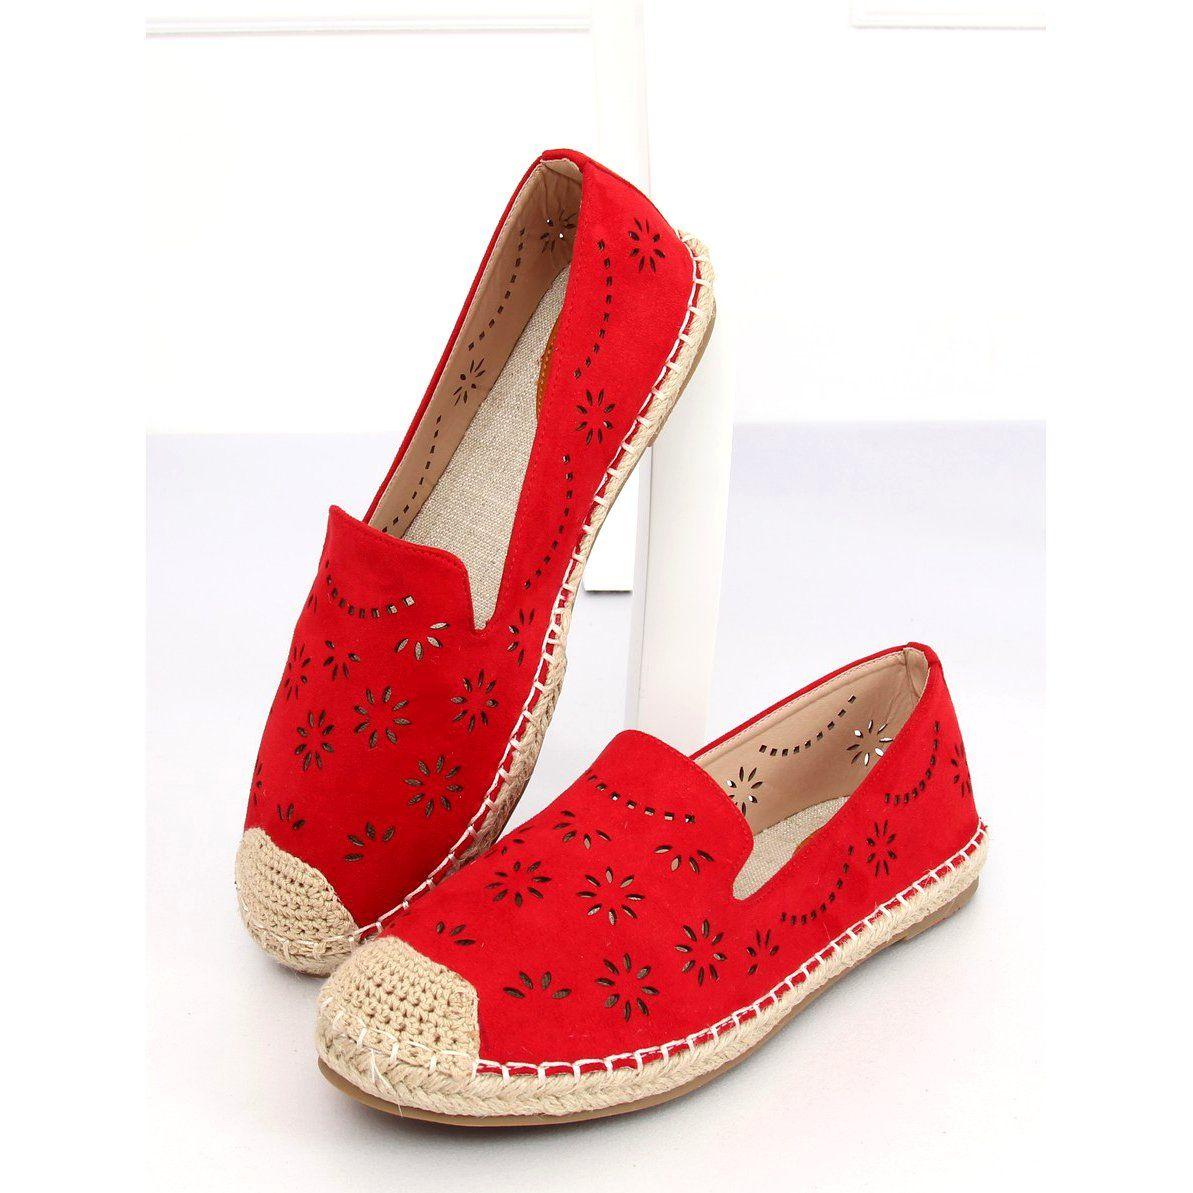 Espadryle Azurowe Czerwone 9023 Red